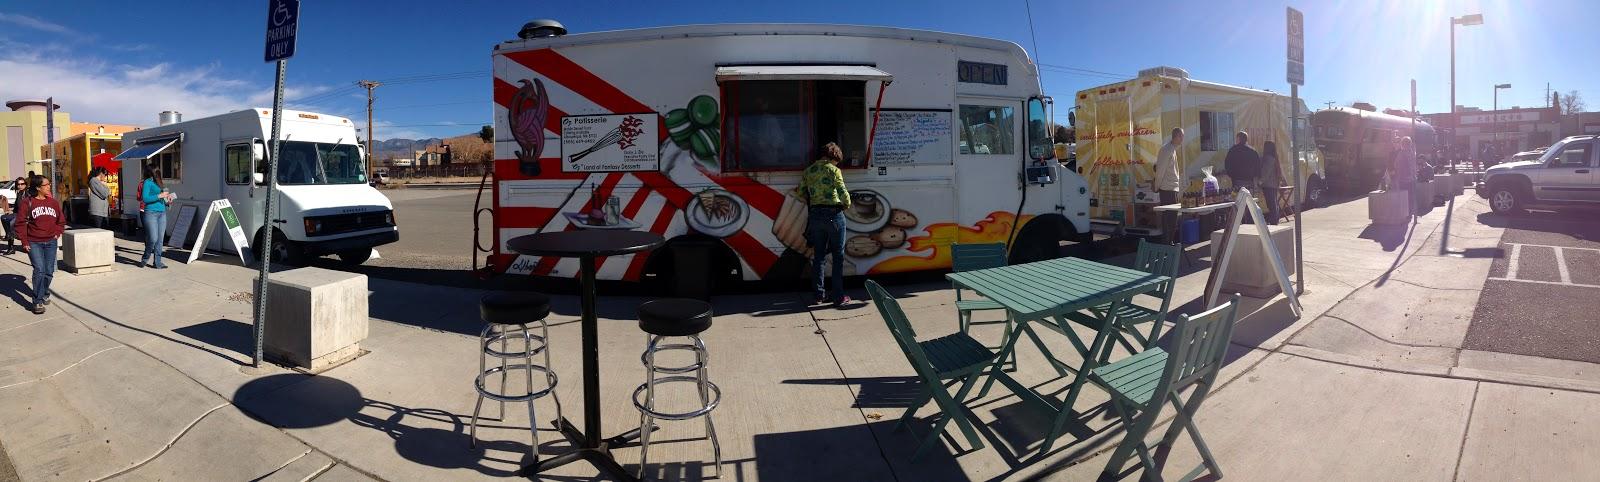 abq-food-trucks